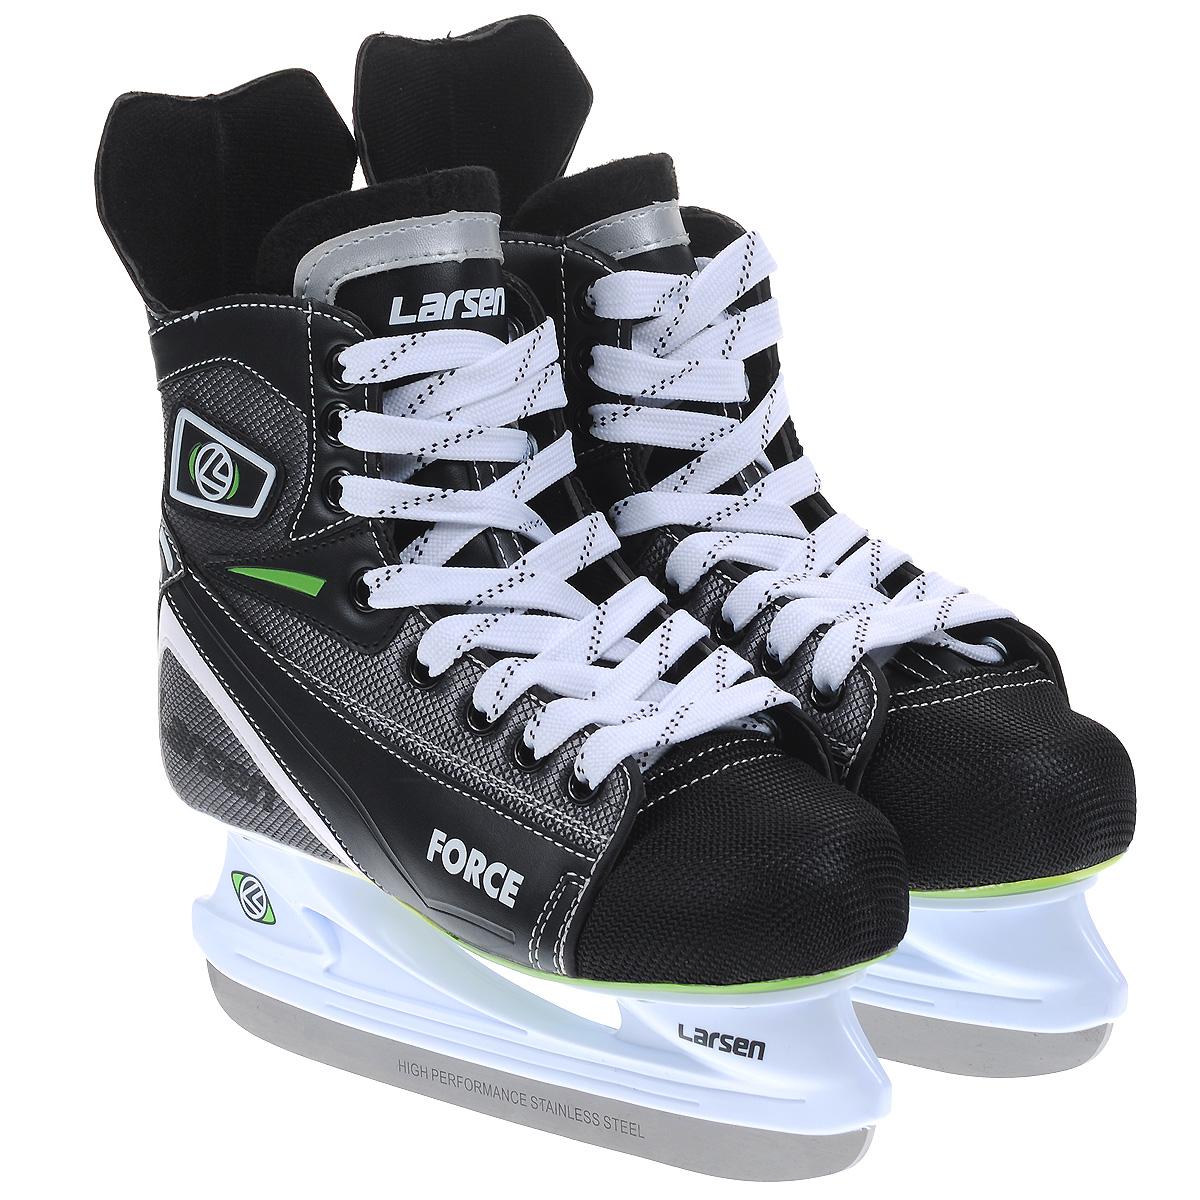 Коньки хоккейные мужские Larsen Force, цвет: черный, серый. Размер 41Force_черный, серый_41Хоккейные коньки Force от Larsen прекрасно подойдут для начинающих игроков в хоккей. Ботинок выполнен из морозоустойчивого поливинилхлорида. Мыс из полипропилена, покрытого сетчатым нейлоном плотностью 800D, защитит ноги от ударов. Внутренний слой изготовлен из мягкого материала Cambrelle, который обеспечит тепло и комфорт во время катания, язычок войлочный. Поролоновый утеплитель не позволит вашим ногам замерзнуть. Плотная шнуровка надежно фиксирует модель на ноге. Удобный суппорт голеностопа.Стелька из материала EVA обеспечит комфортное катание.Стойка выполнена из ударопрочного пластика. Лезвие из высокоуглеродистой стали жесткостью HRC 50-52 обеспечит превосходное скольжение.